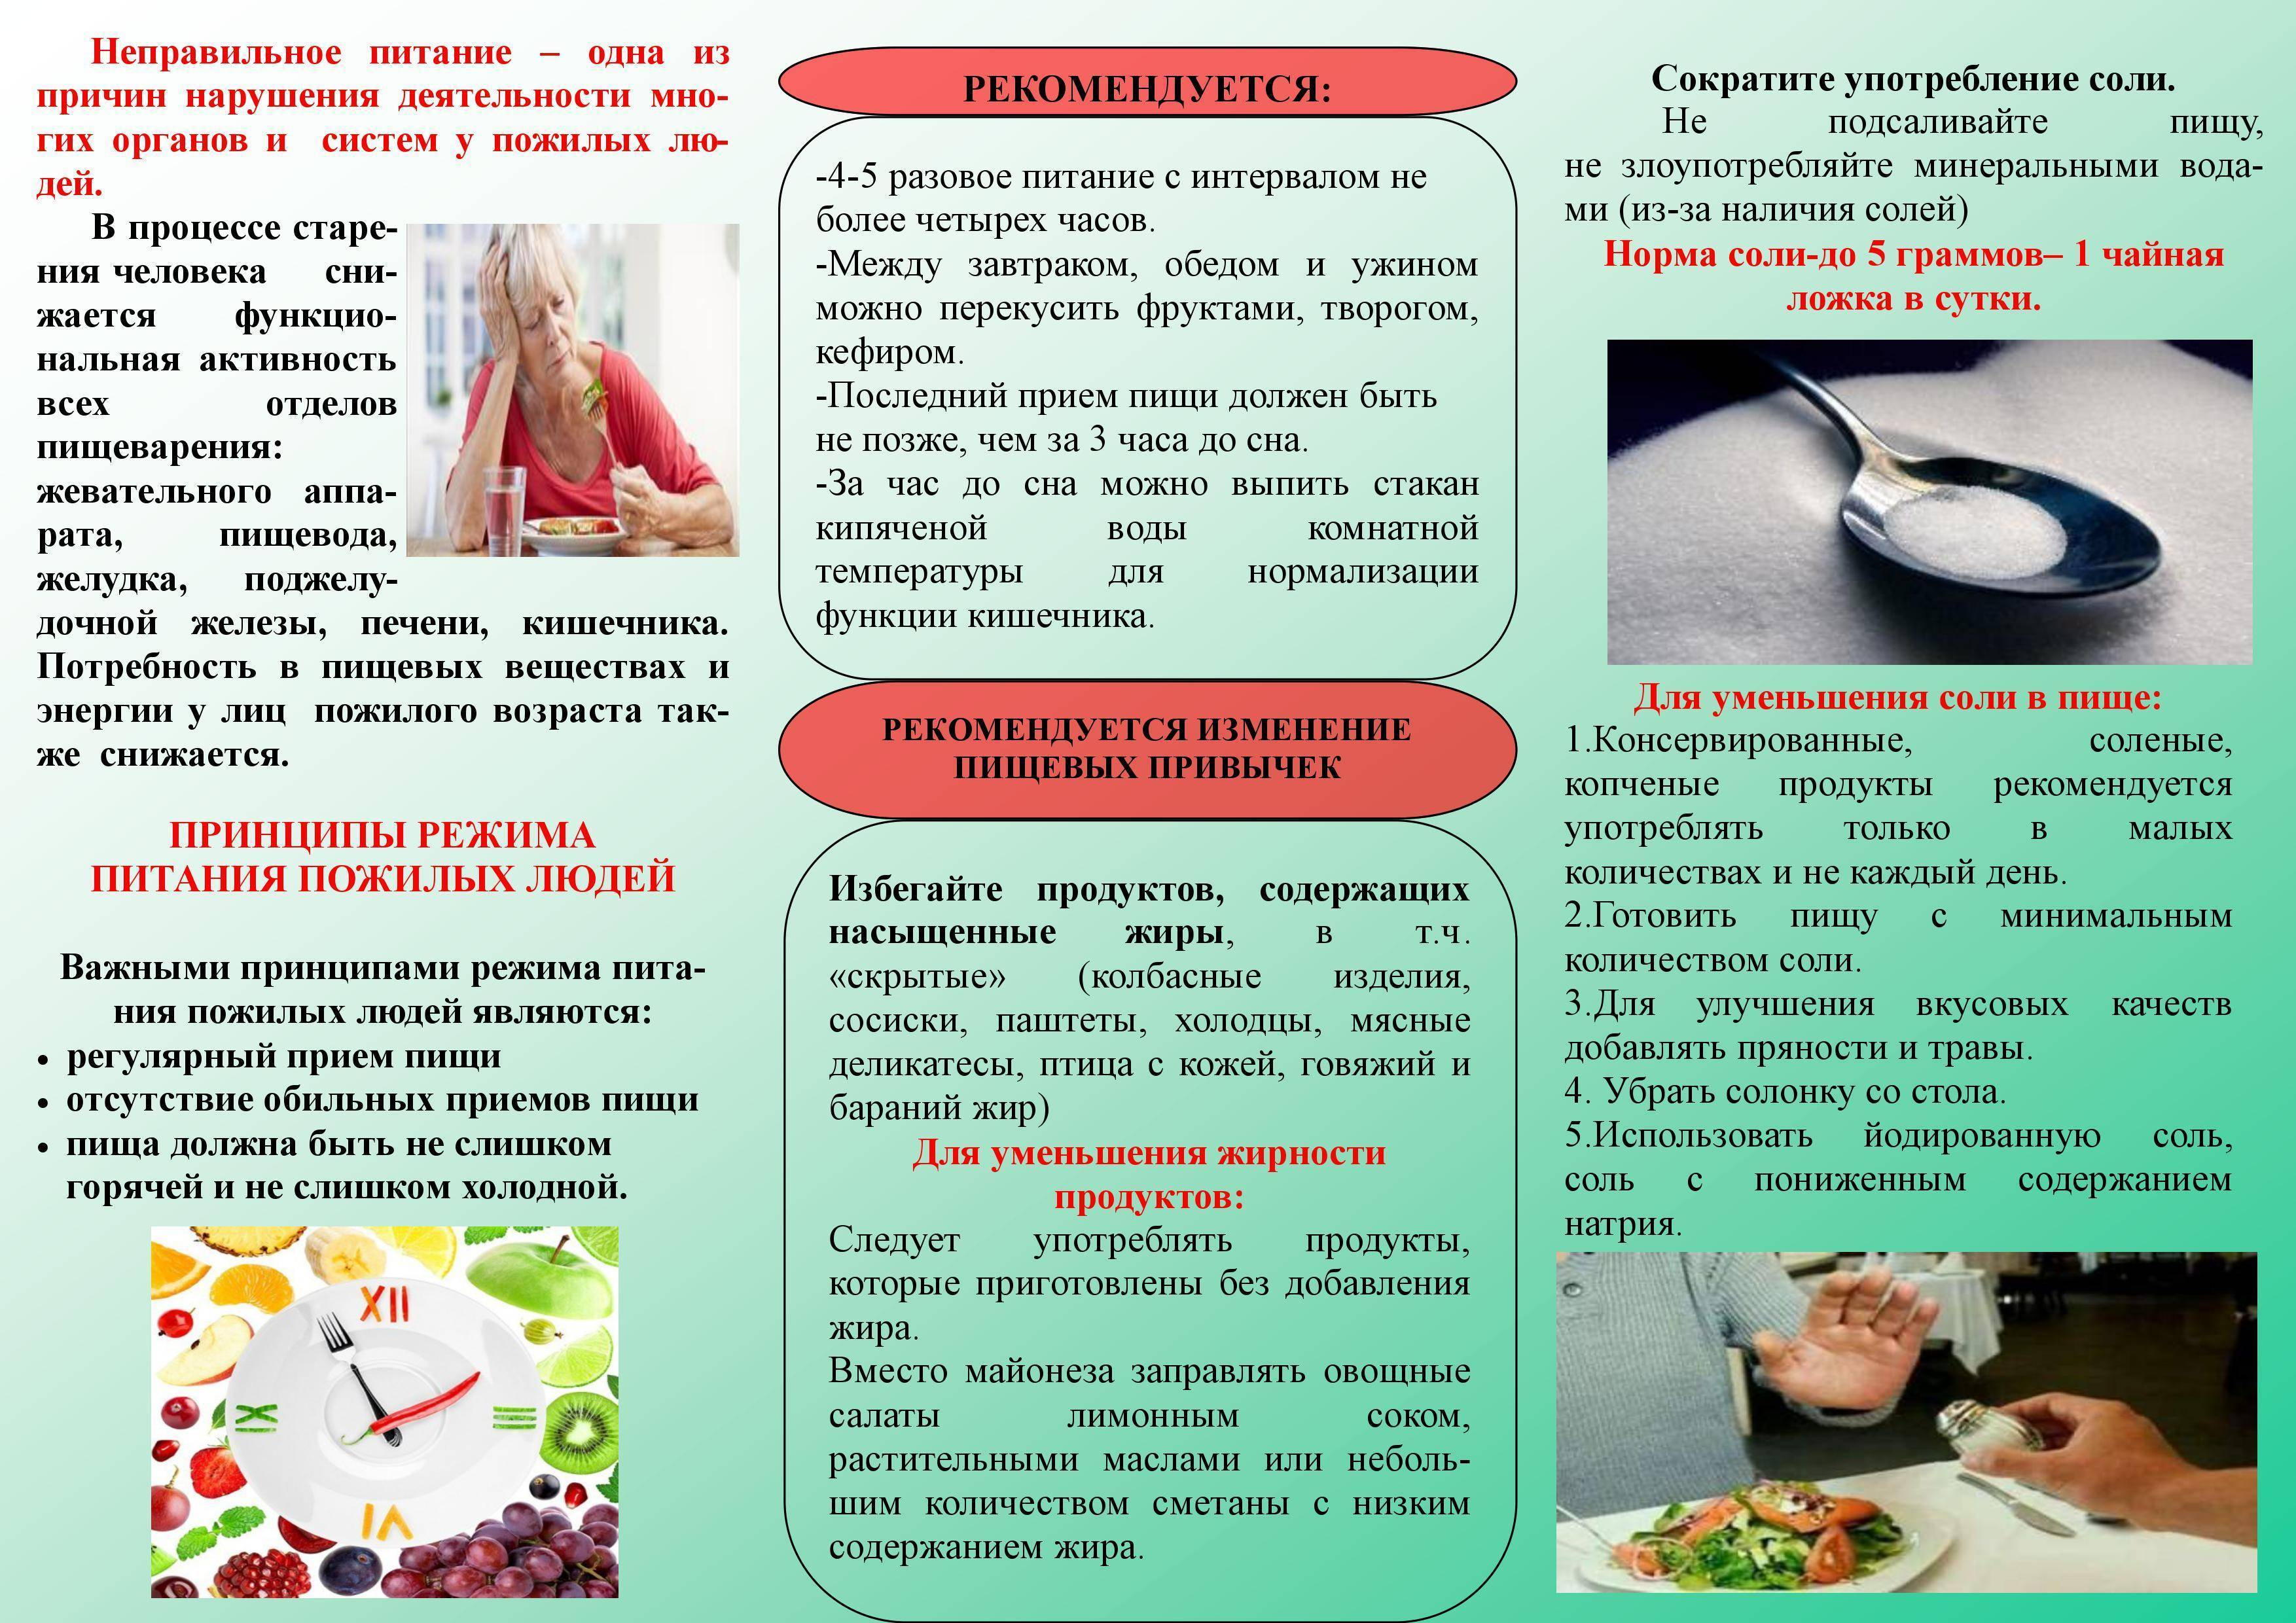 Диета при стоматите, разрешенные и запрещенные продукты.